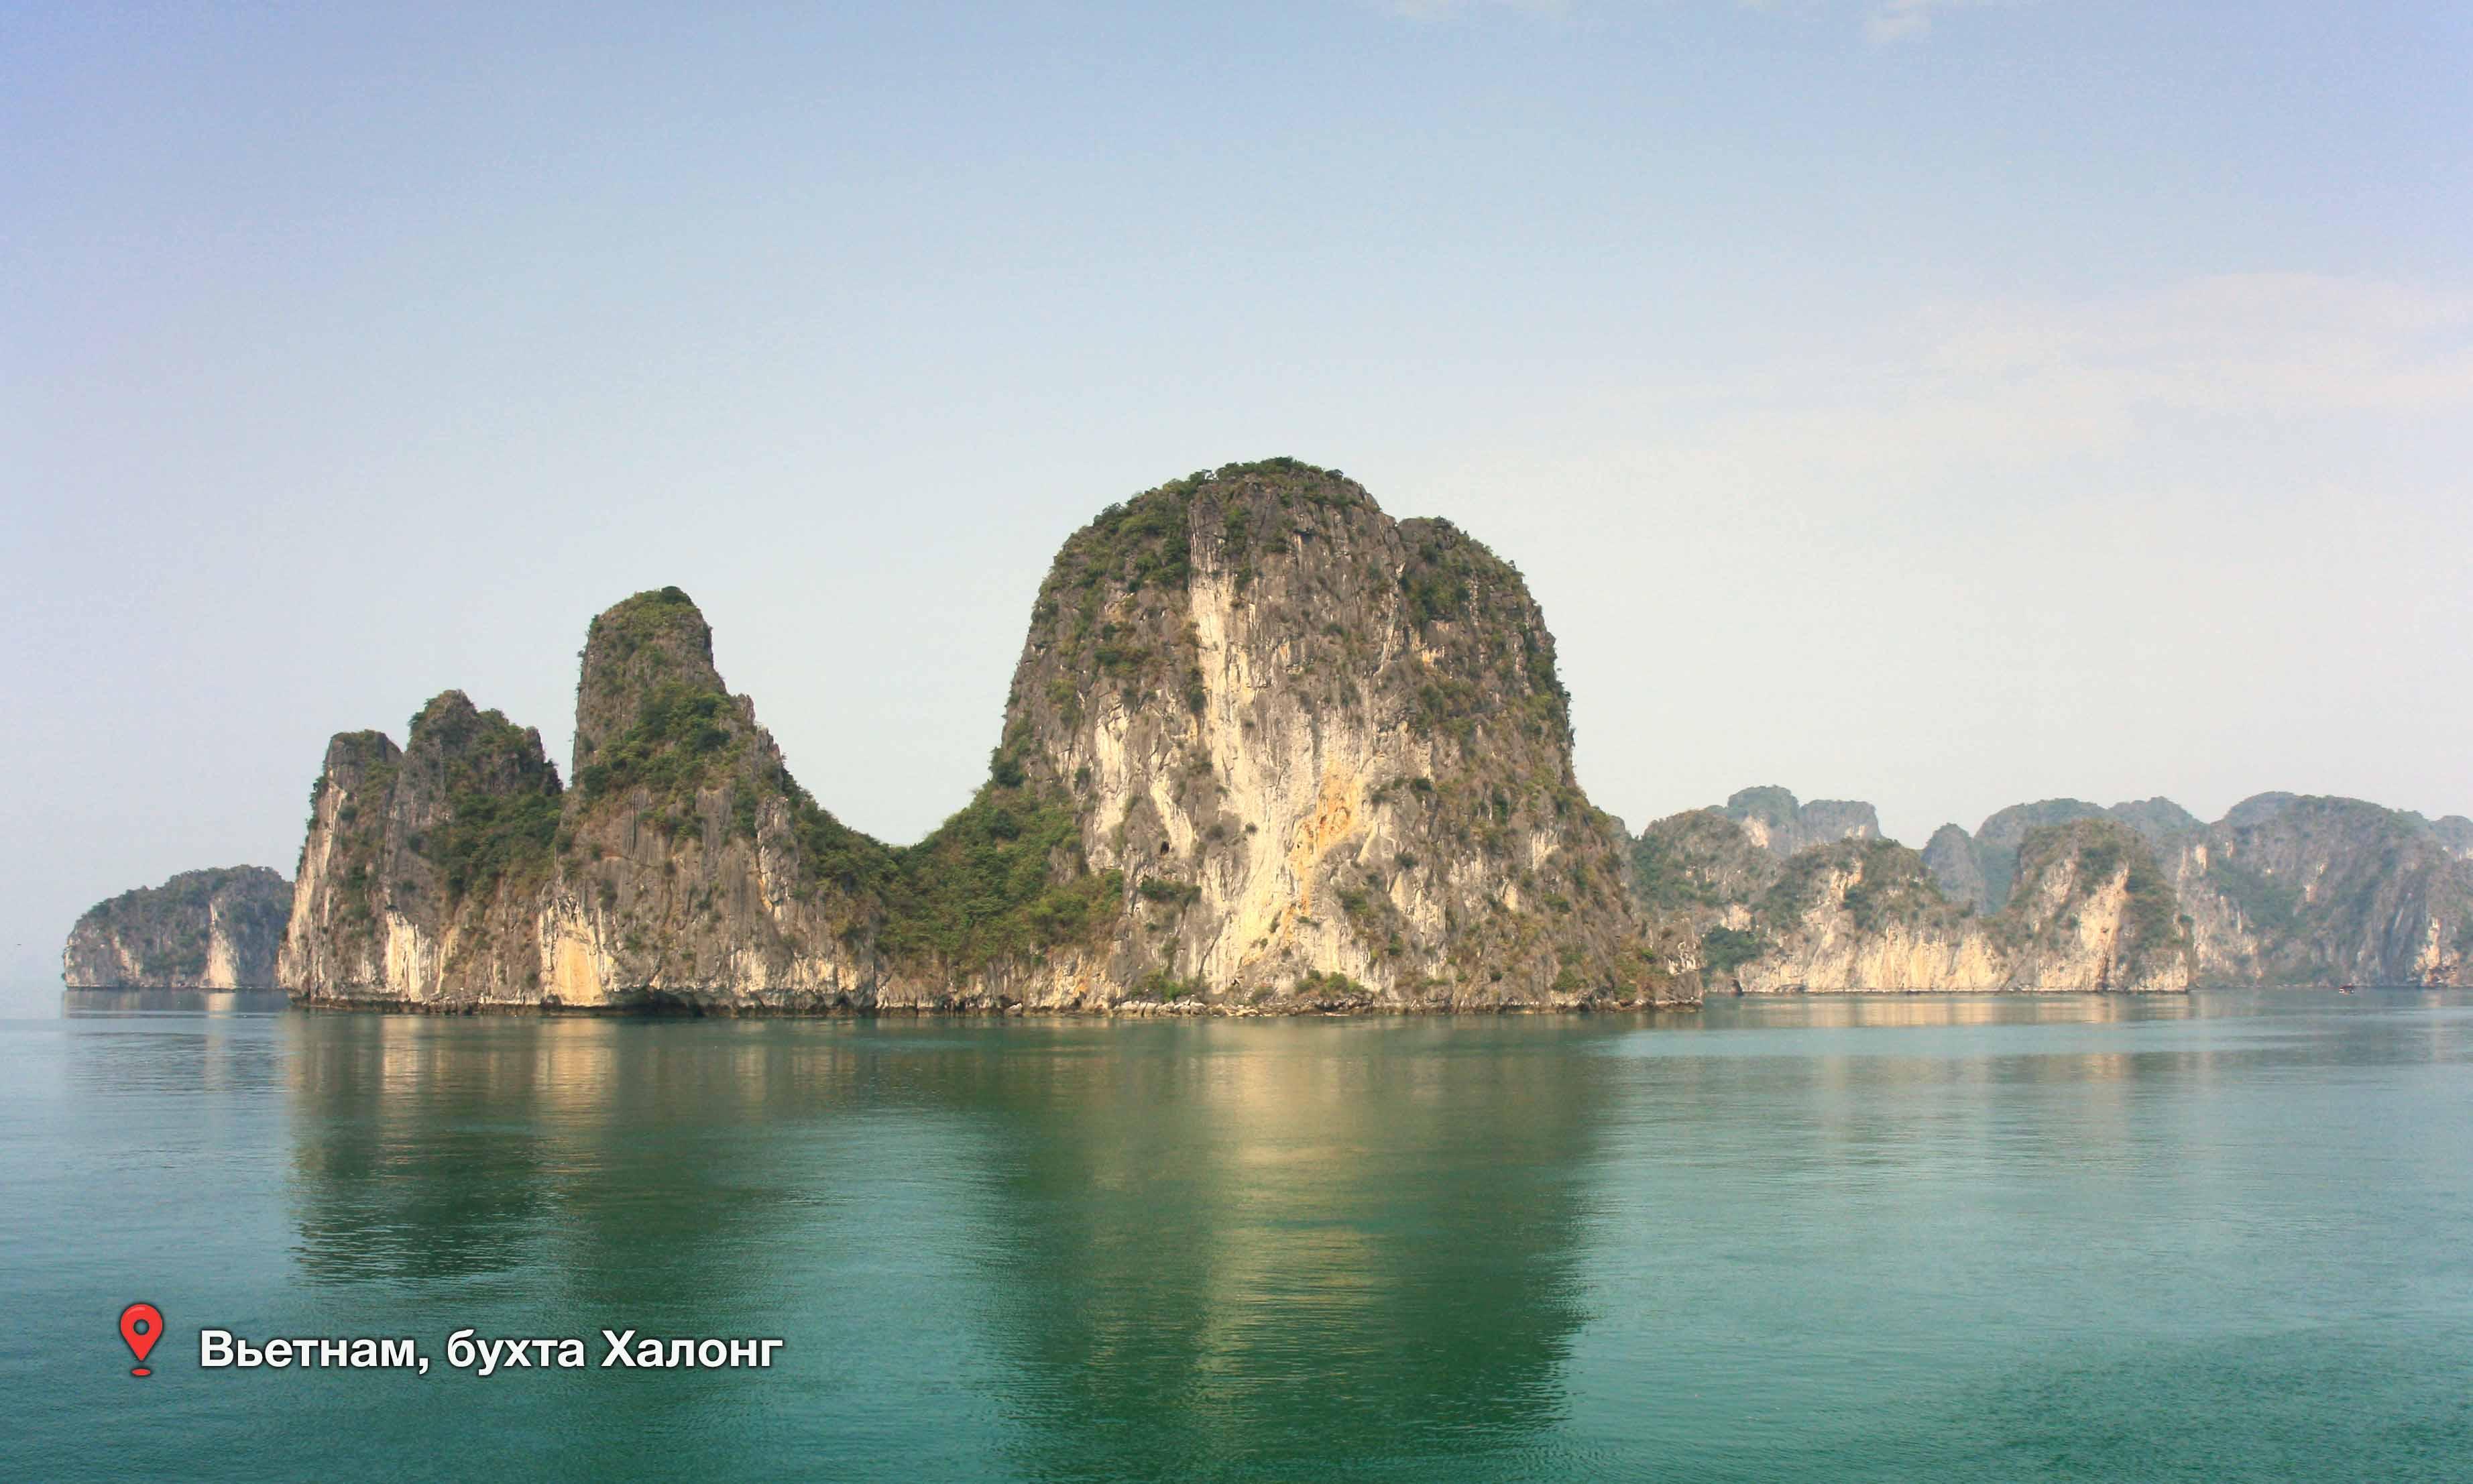 Отдых в апреле во Вьетнаме, бухта Халонг, Тонкинсктй залив, Южно-китайское море.